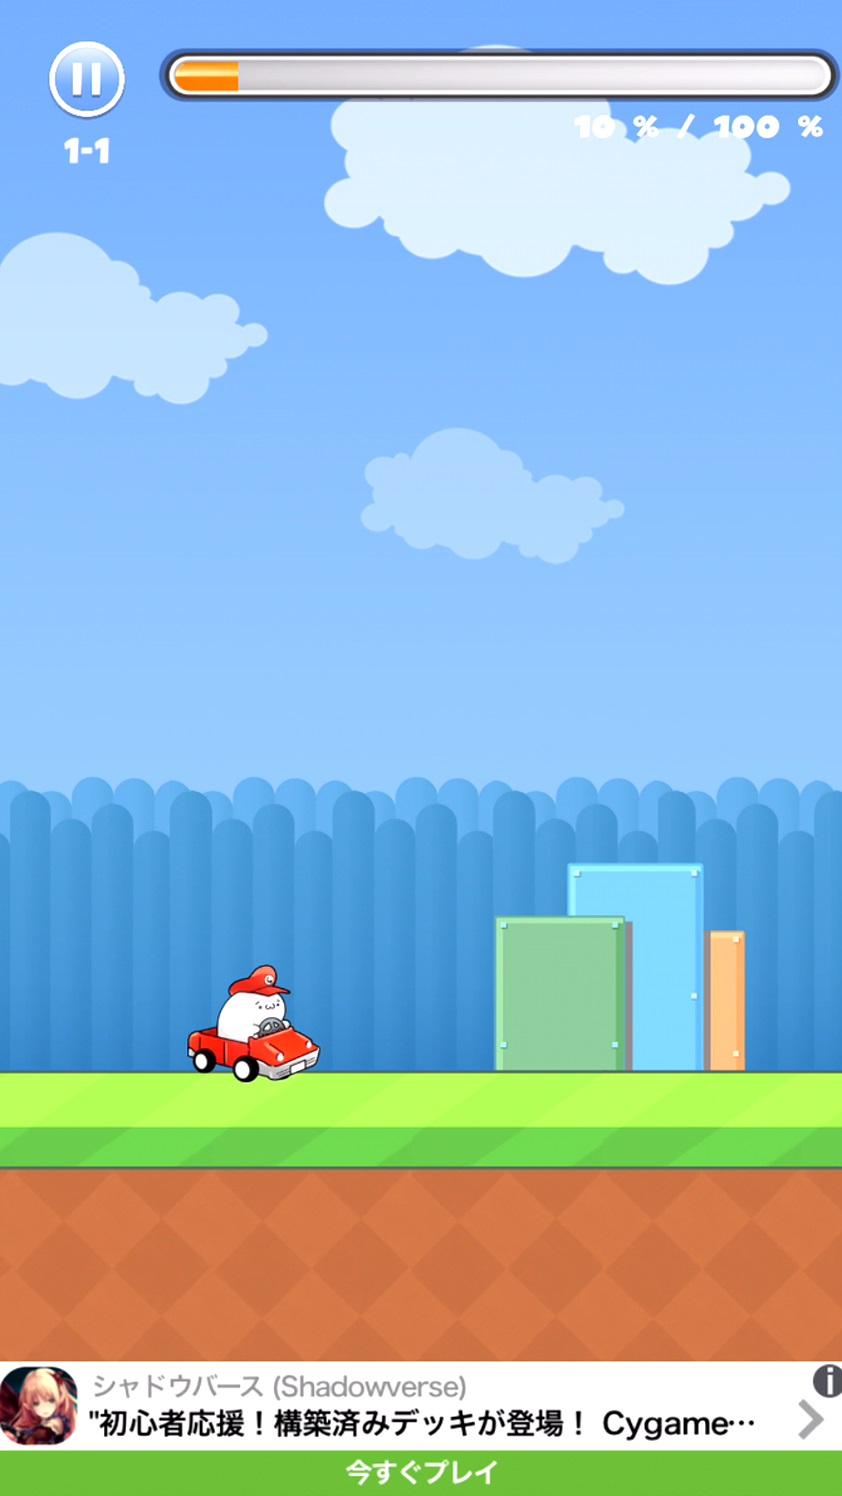 スーパーしょぼんカート androidアプリスクリーンショット1